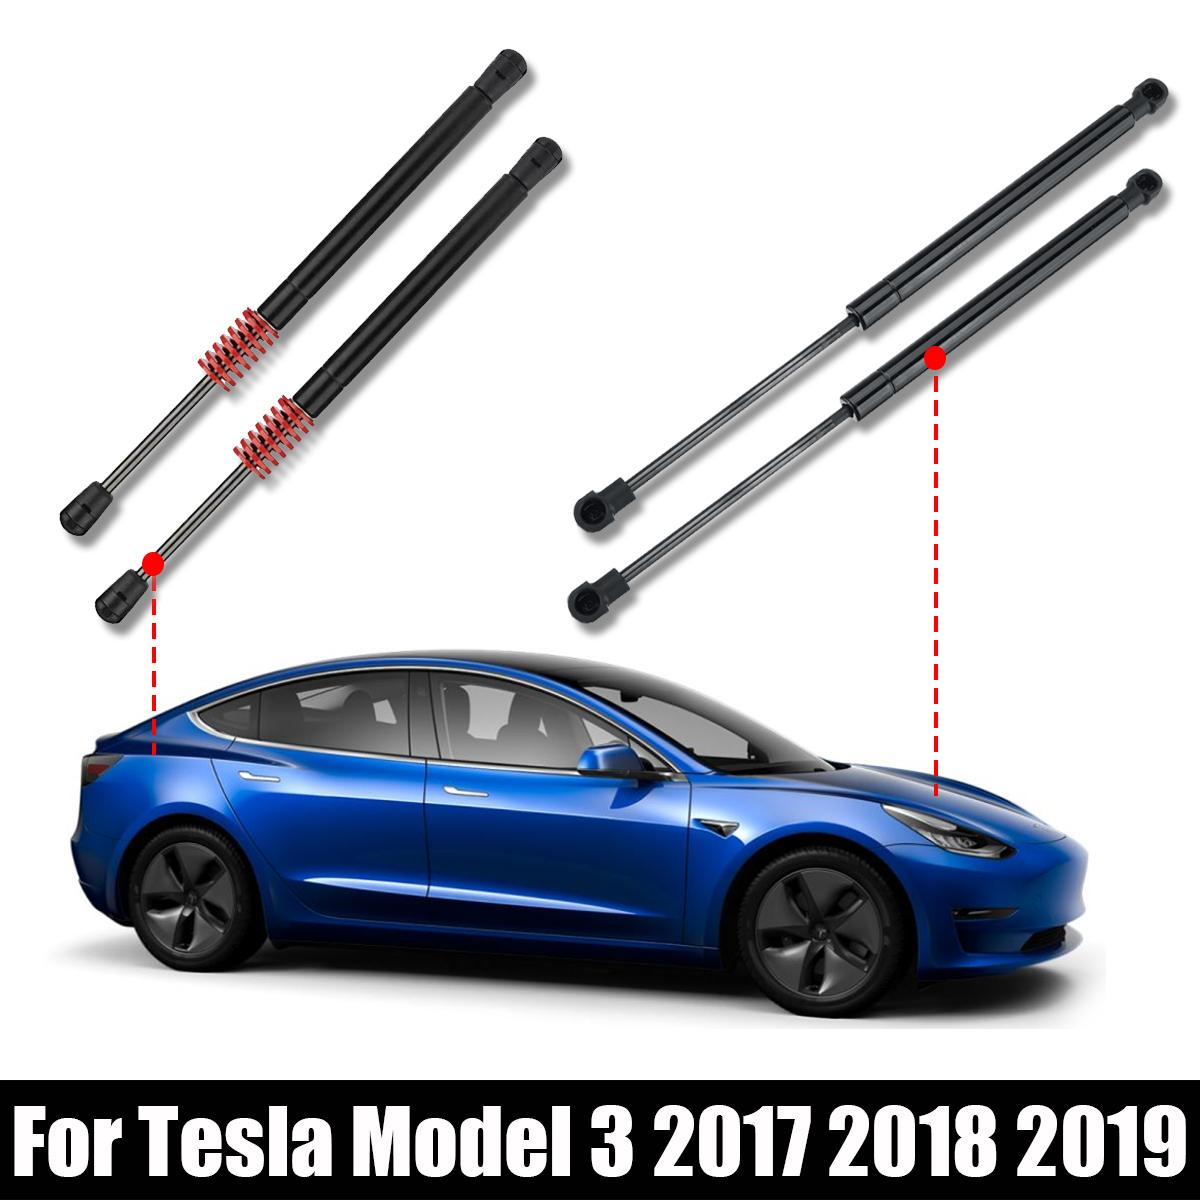 Nuevo 2X puntales de elevación de resorte de Gas de arranque de puerta trasera delantera/trasera para Tesla modelo 3 2017, 2018, 2019,